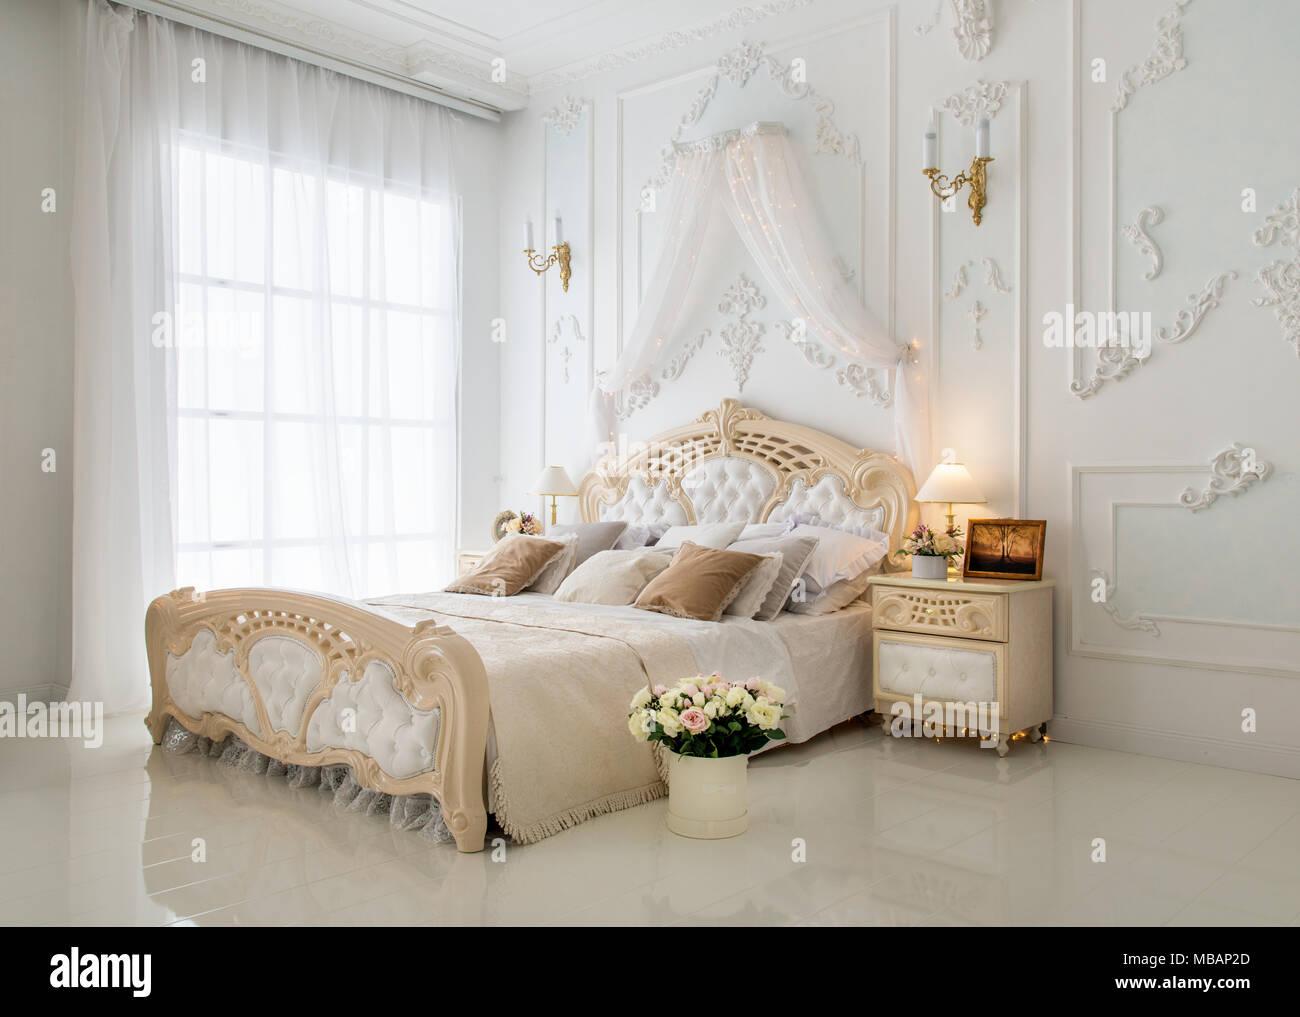 Elegante weisse klassische Schlafzimmer mit schönen Blumenstrauß ...